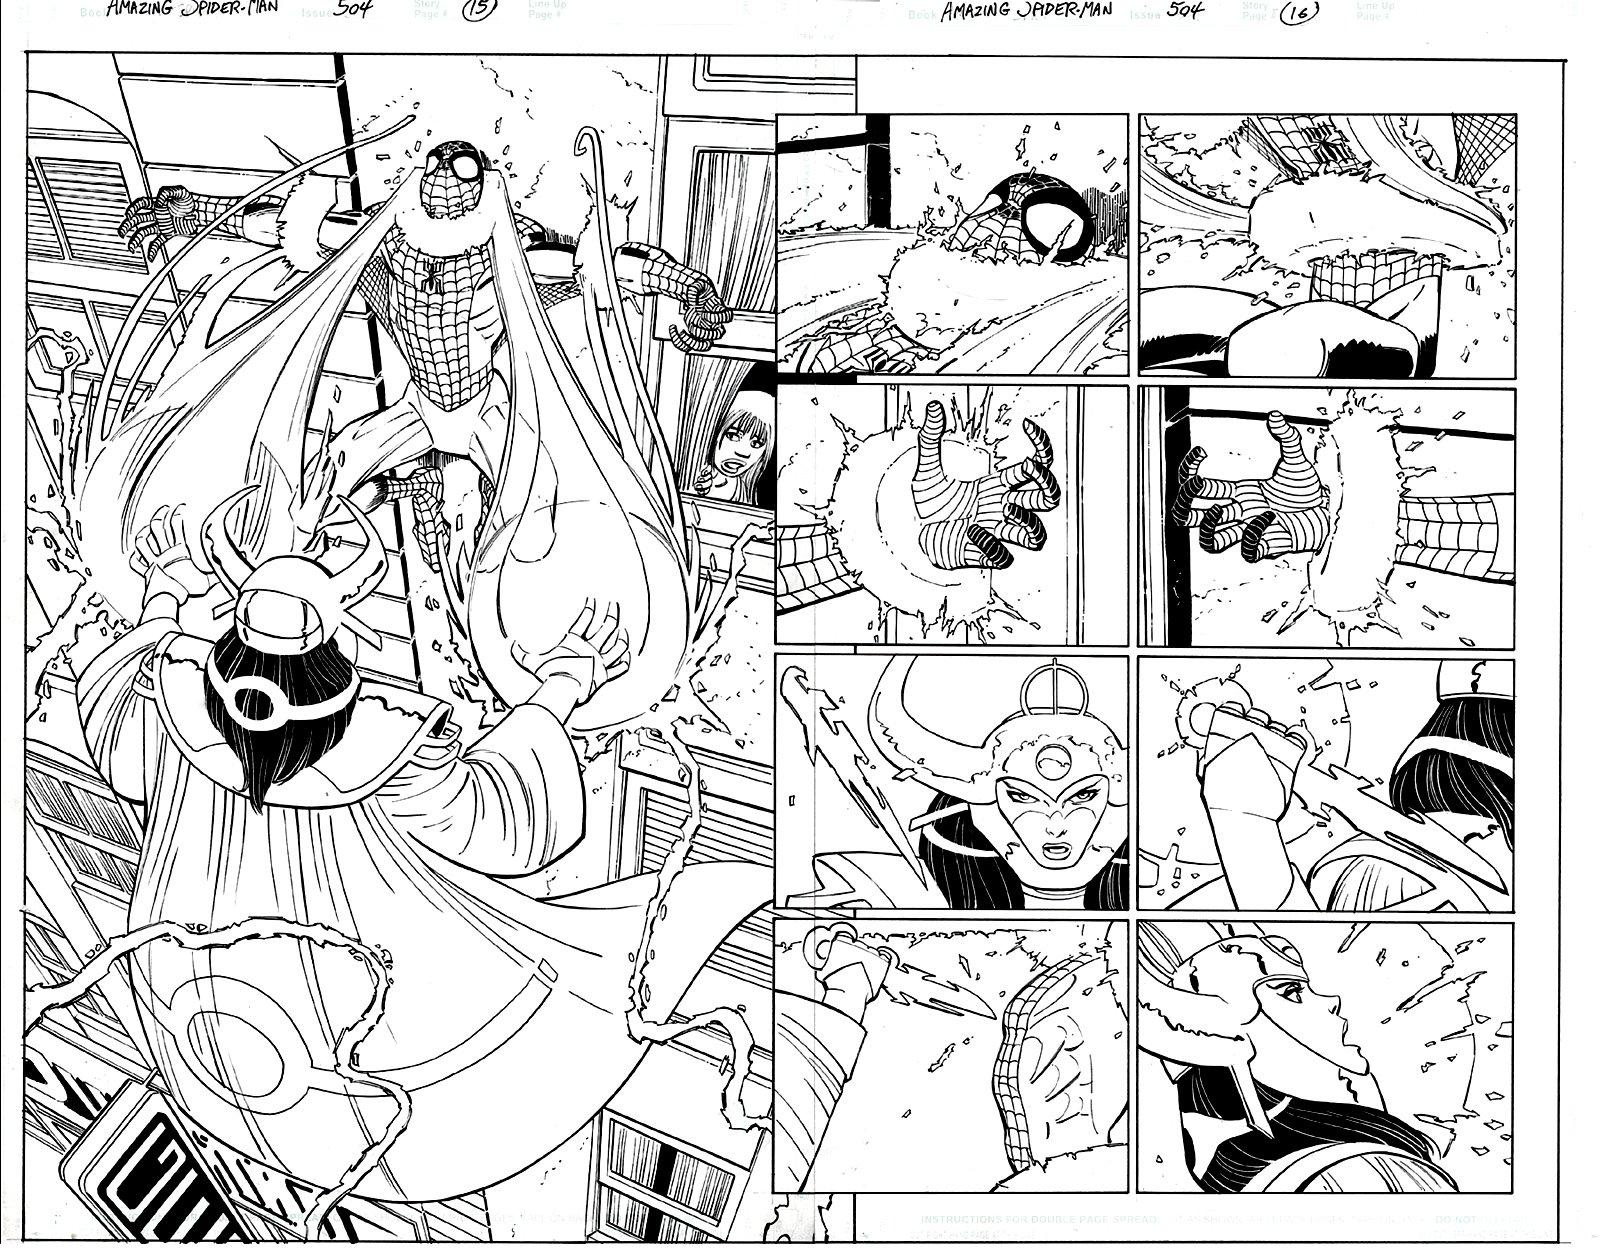 Amazing Spider-Man #504 p 15-16 Double Page Spread (SPIDER-MAN BATTLES LOKI!) 2003